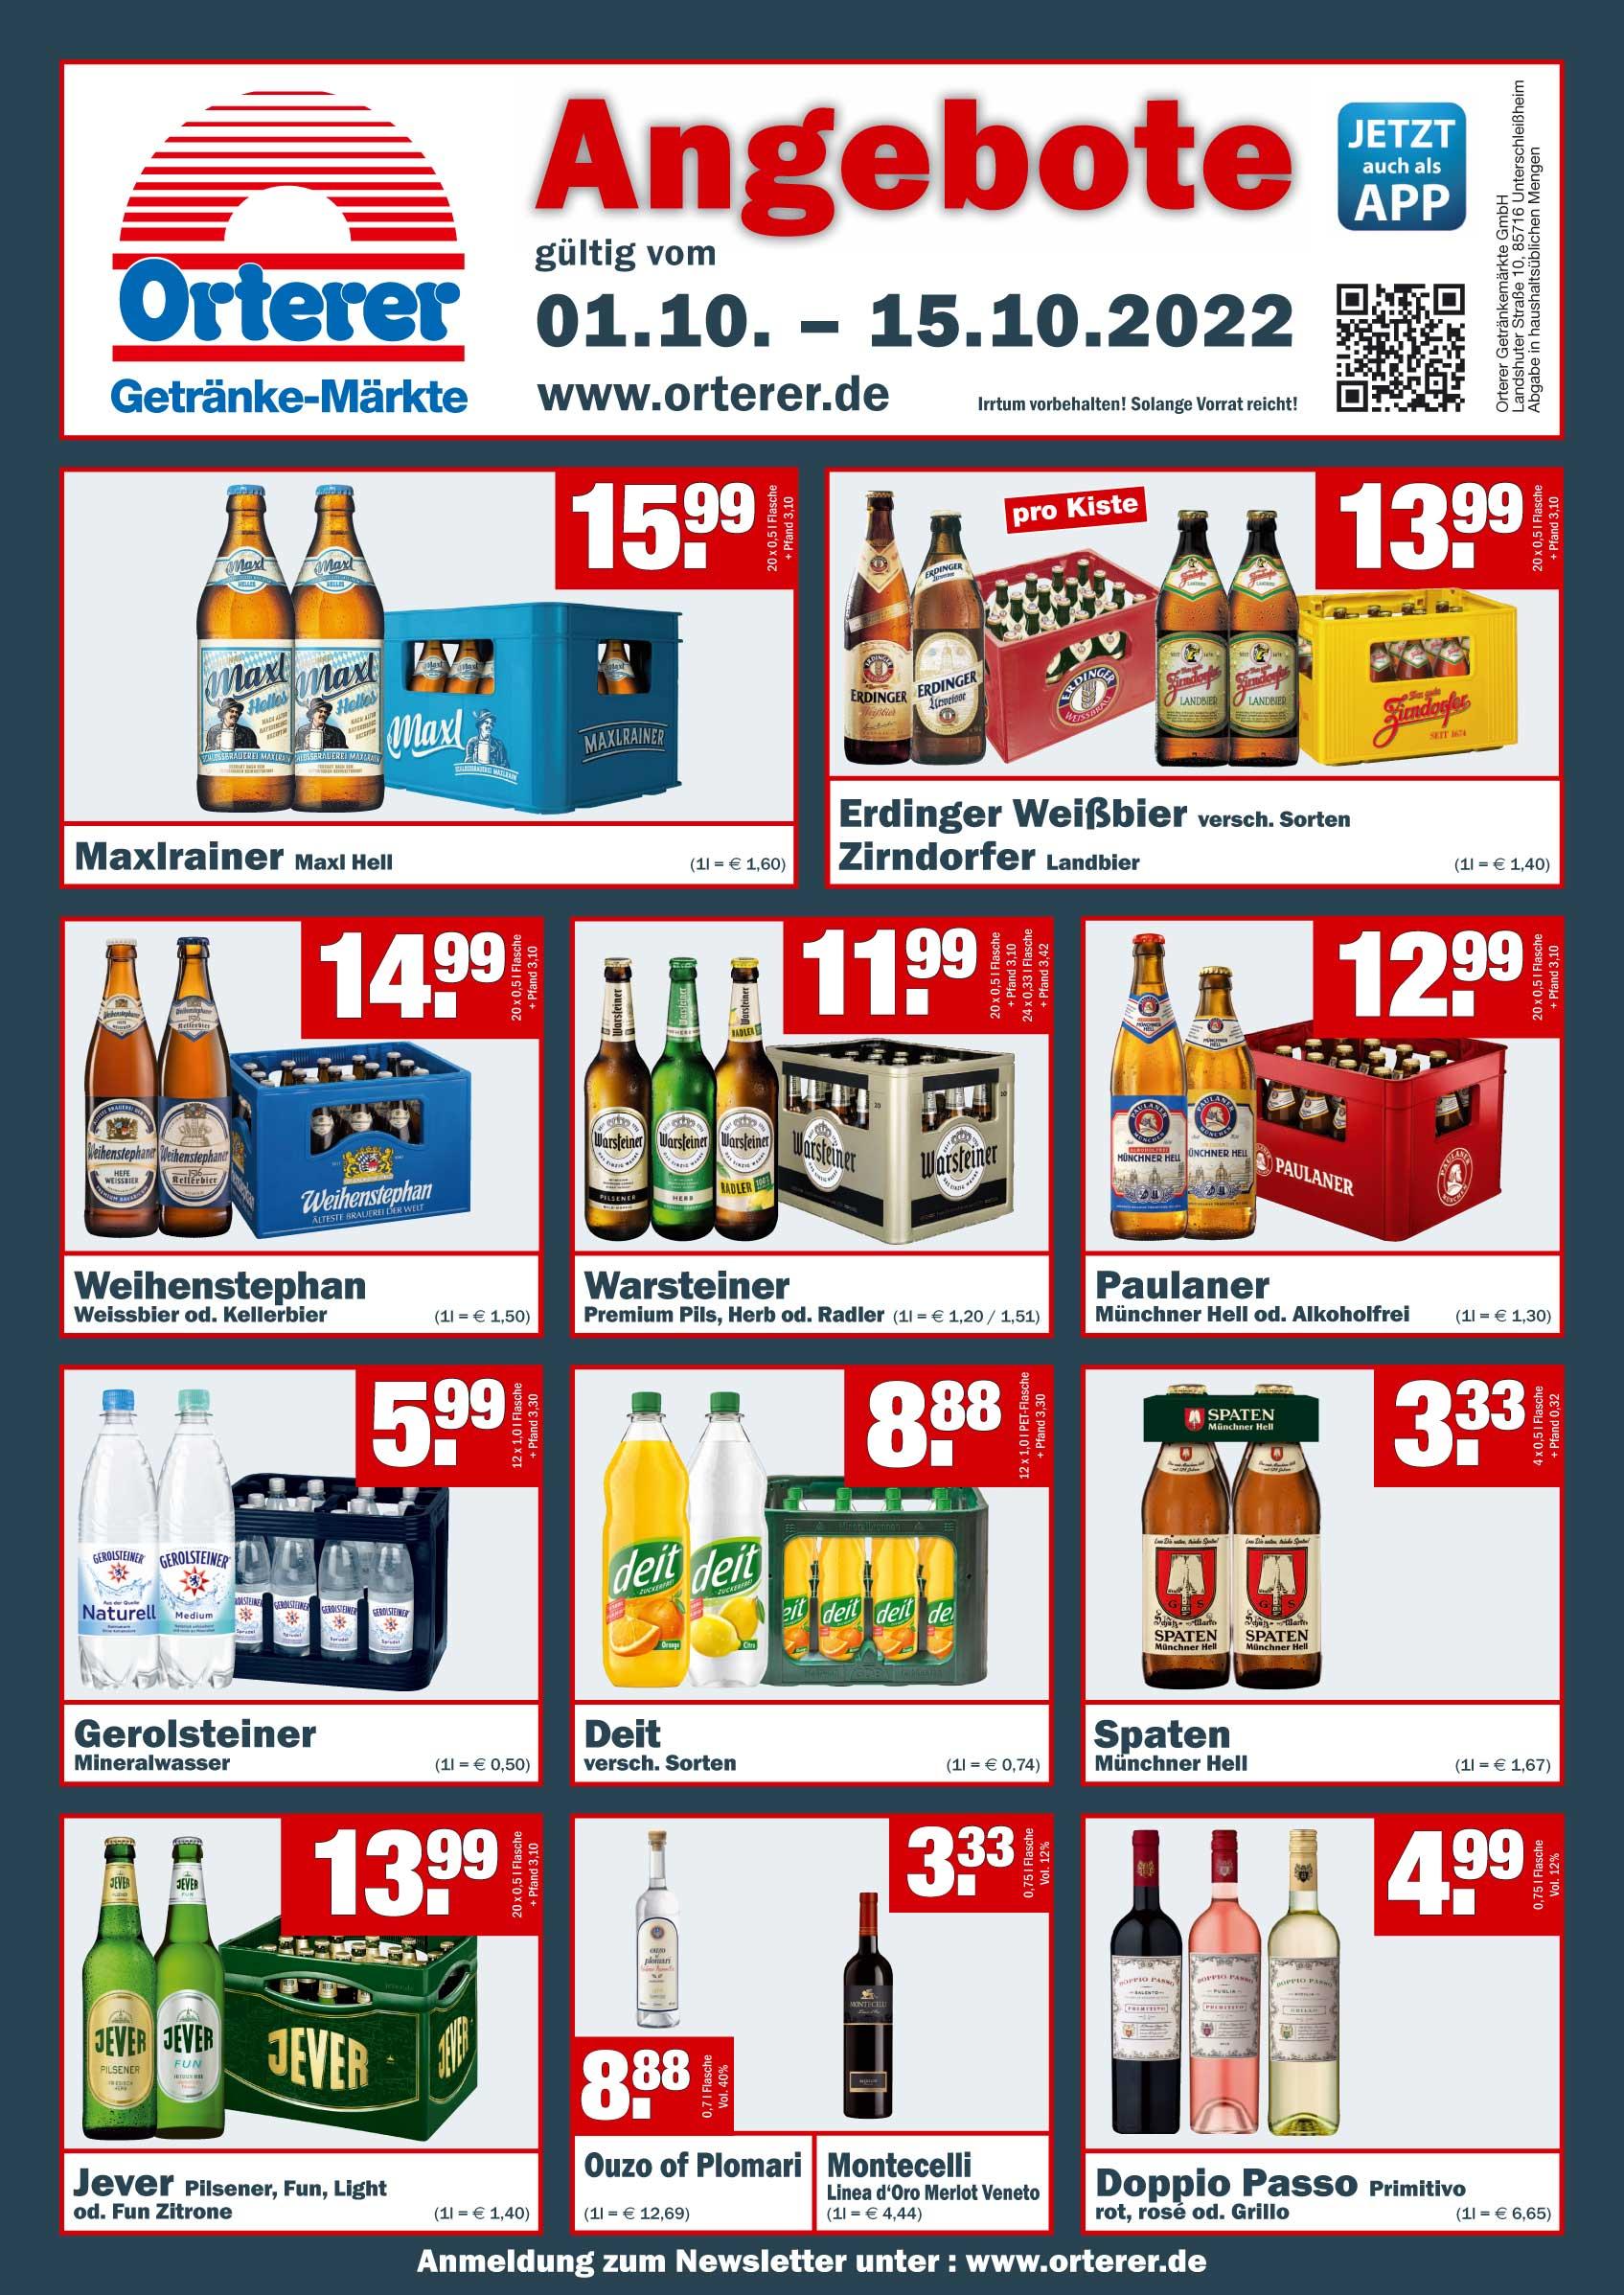 Orterer Getränkemärkte